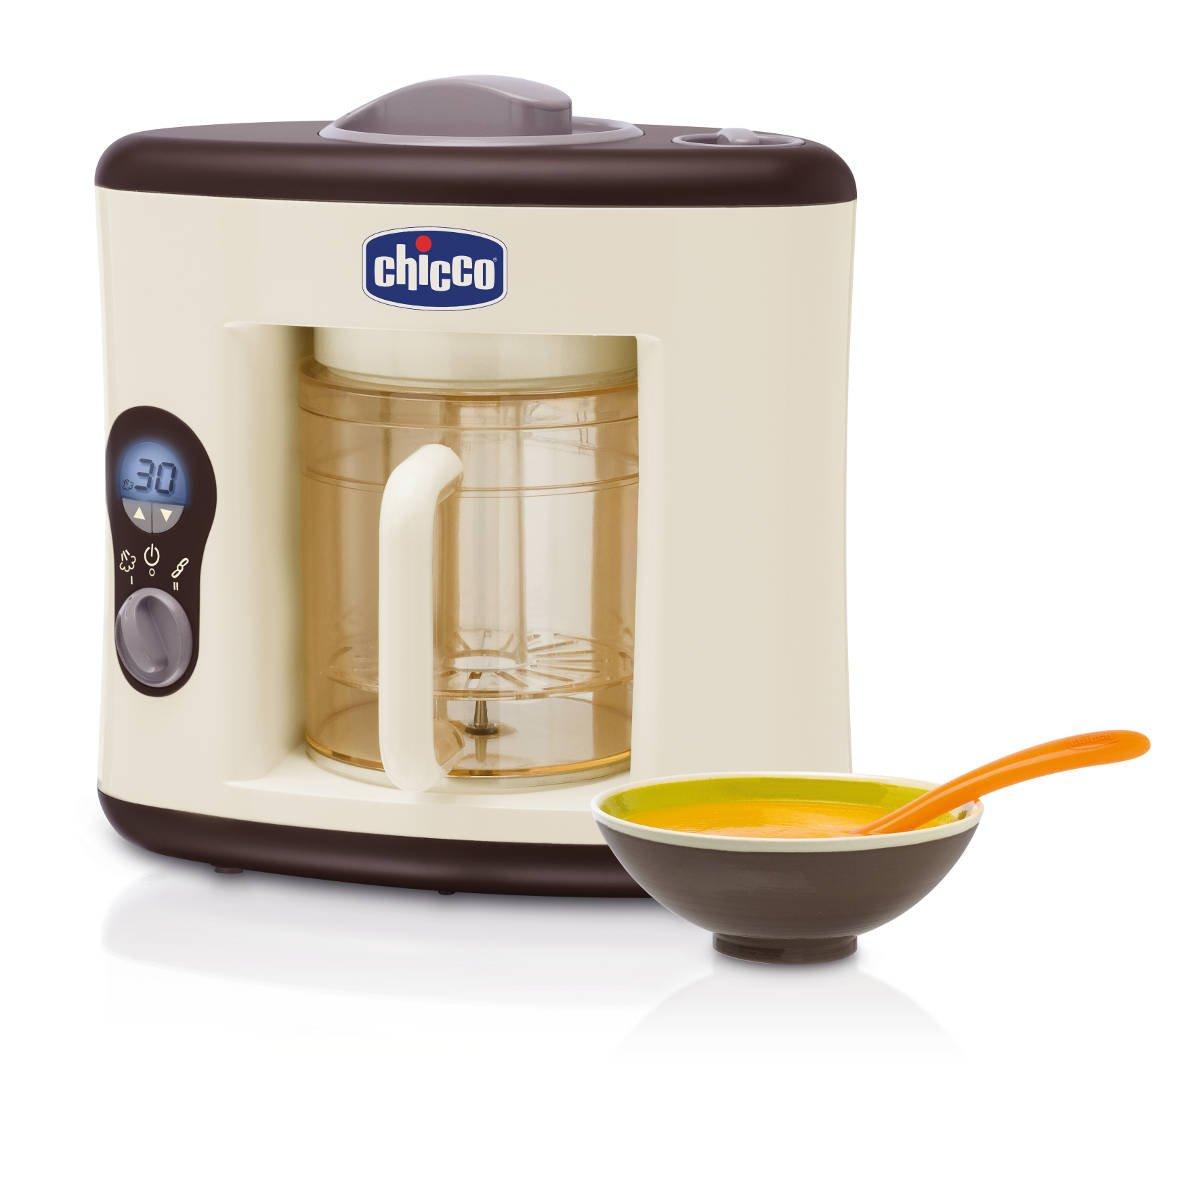 chicco - cuocipappa sanovapore, robot da cucina: amazon.it: prima ... - Cucina Per Bambini Chicco